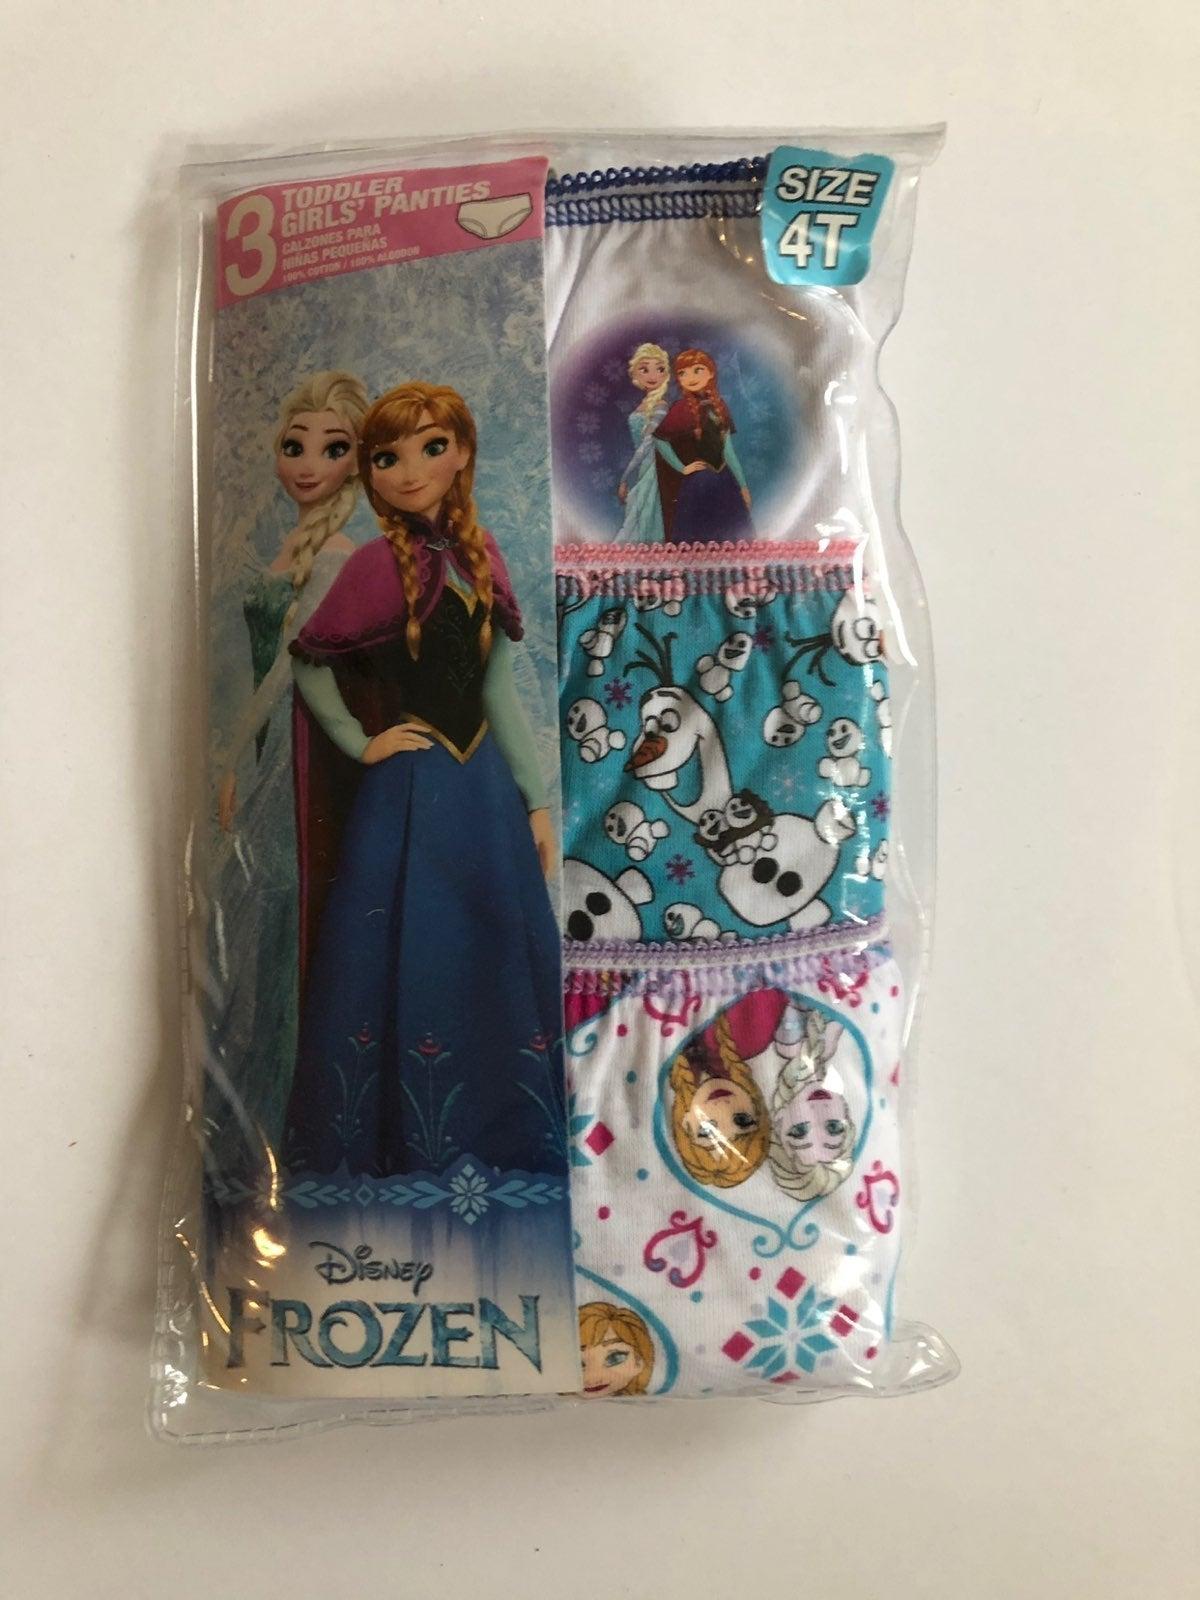 Girl's Panties Frozen